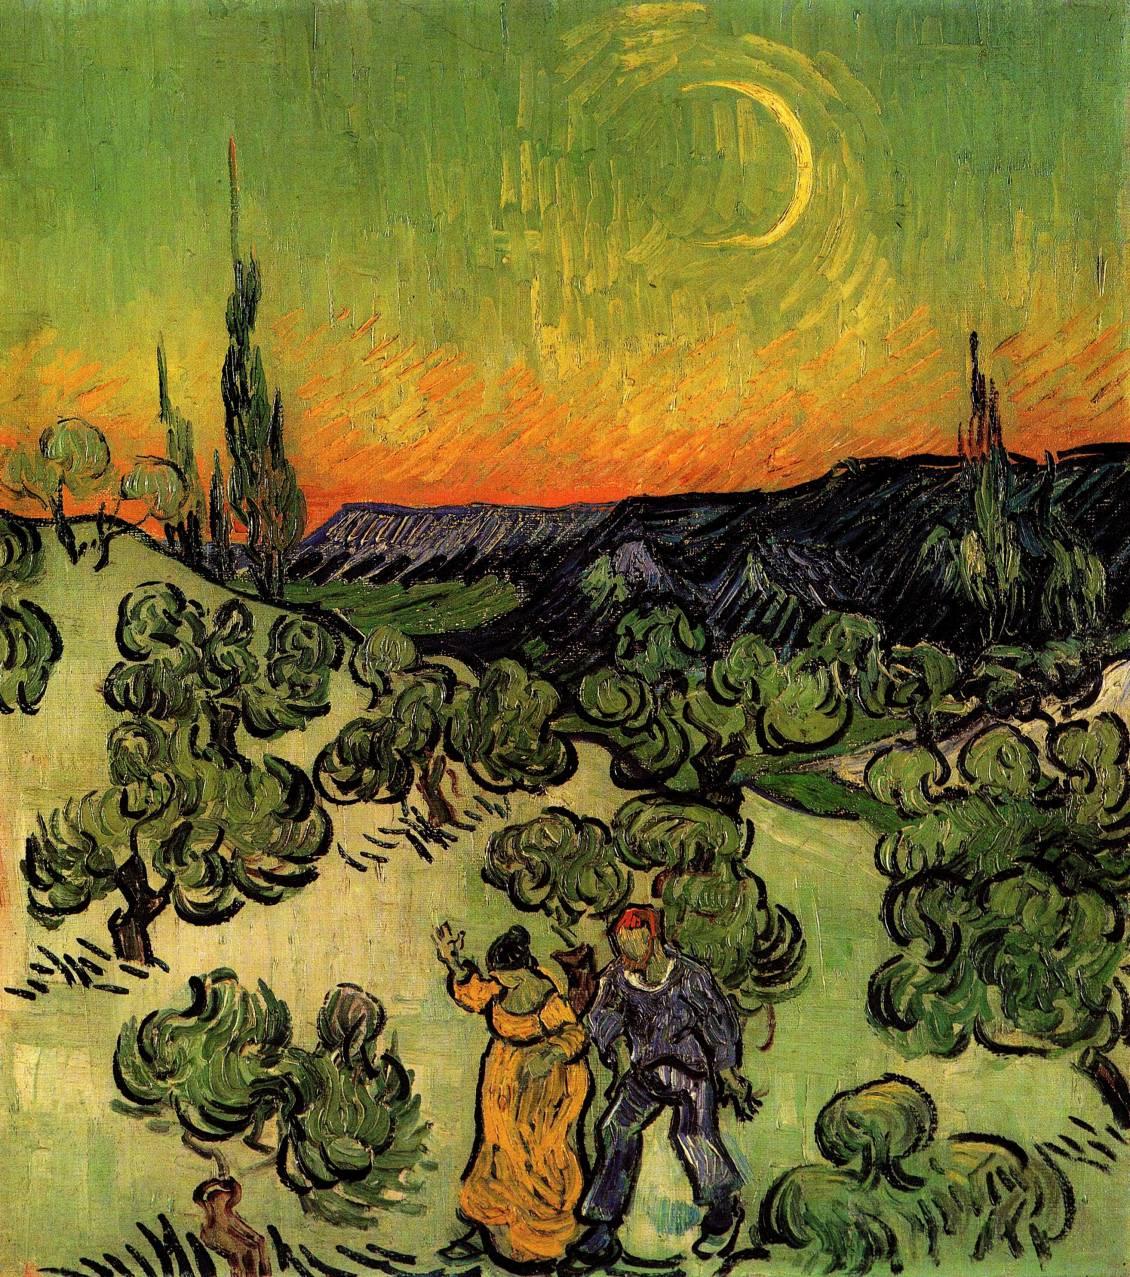 Vincent van Gogh, Avondwandeling, 1890 Courtesy Museu de Arte, São Paulo Brazilië